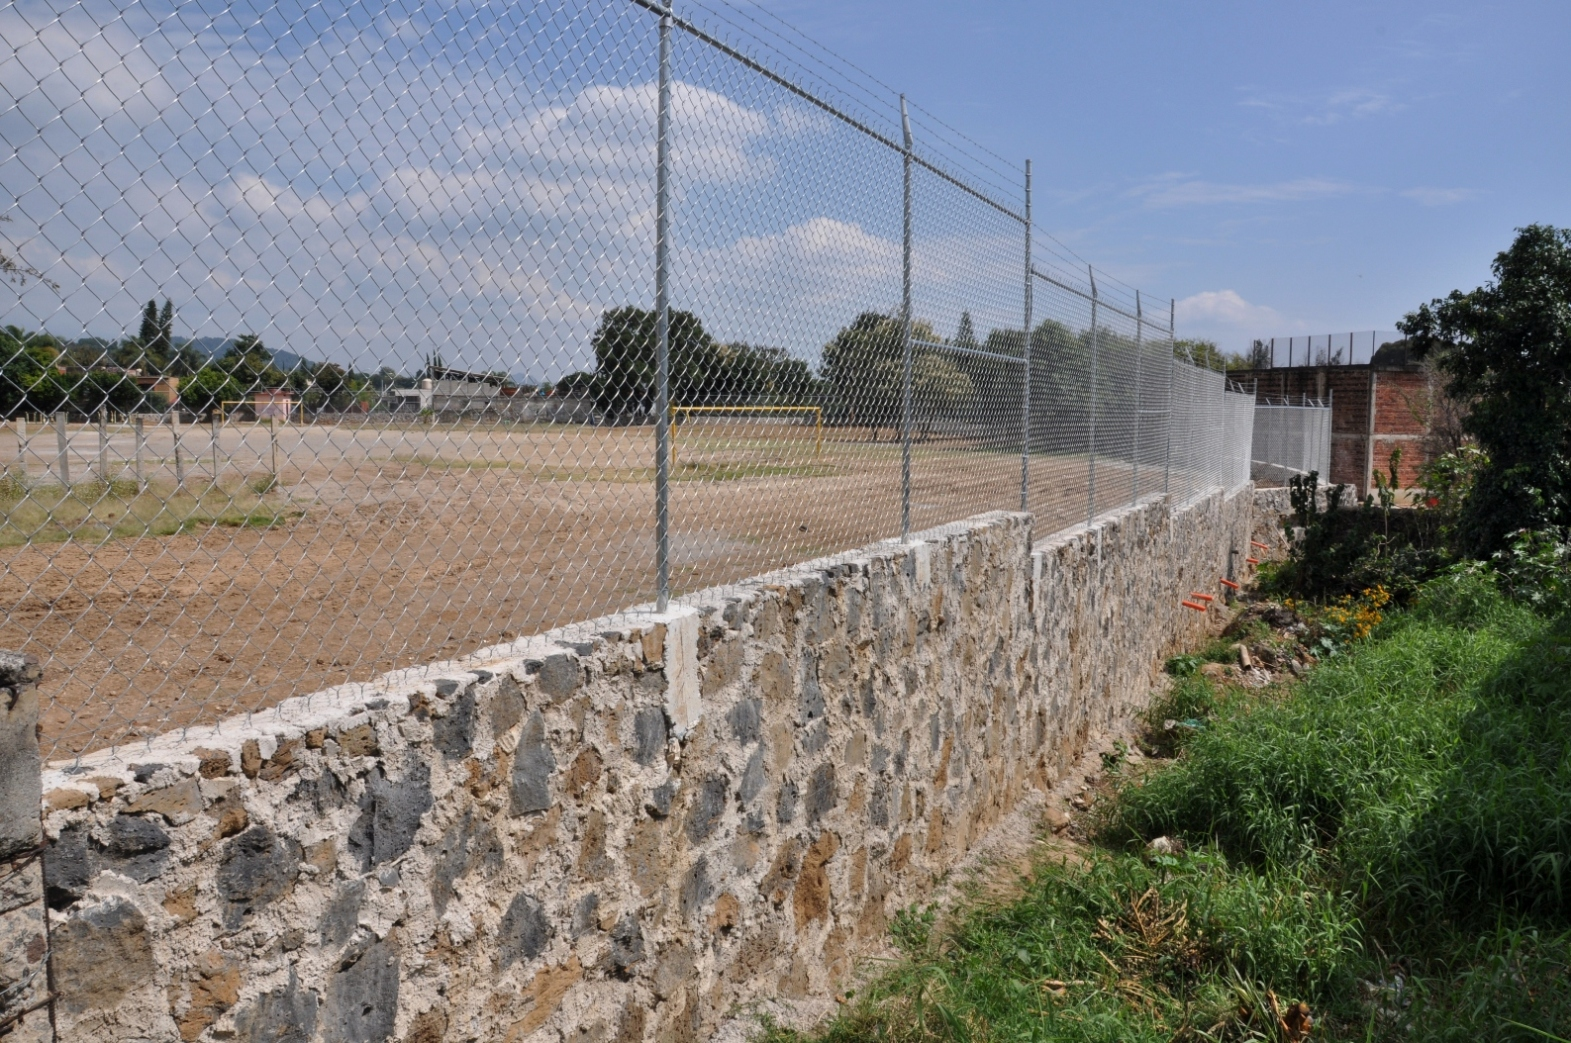 Barda Perimetral, Portón y Ejercitadores del Campo Deportivo No.3 Col. Ocotepec (3)